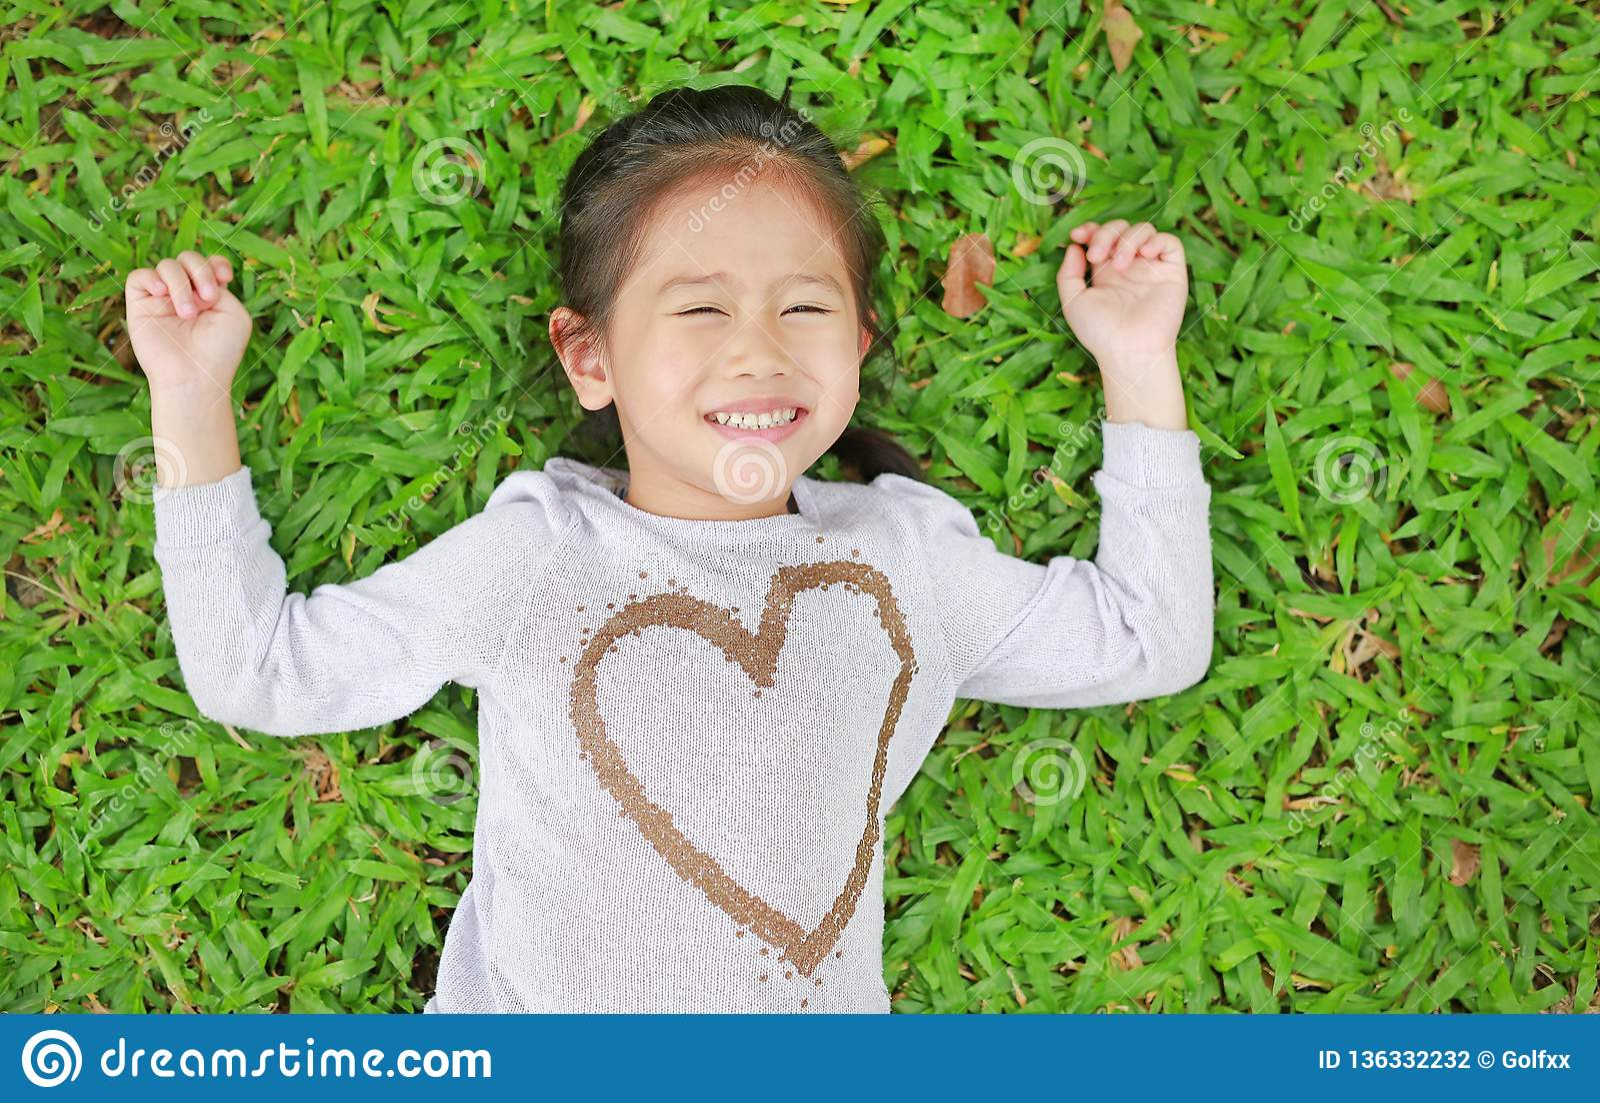 Πορτρέτο του χαμόγελου χαριτωμένο λίγου ασιατικού κοριτσιού παιδιών που βρίσκεται στον πράσινο χορτοτάπητα